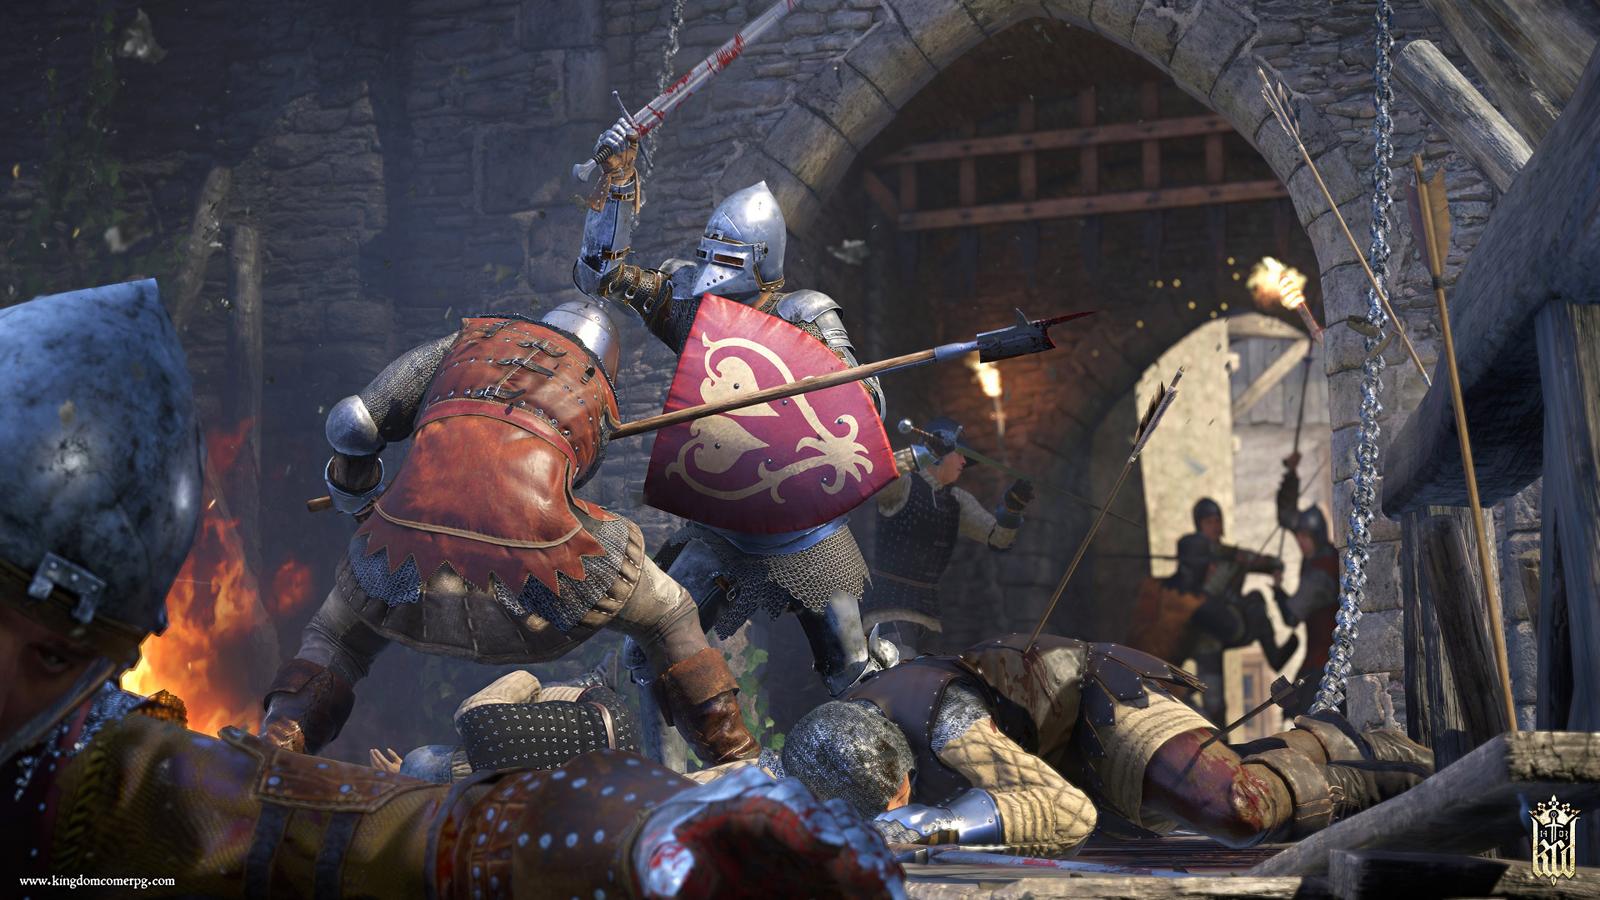 Vwfyp7Ma75s2M - 【速報】 魔法もドラゴンも登場しない、リアルな中世オープンワールドゲームが爆誕!面白そうだぞ!